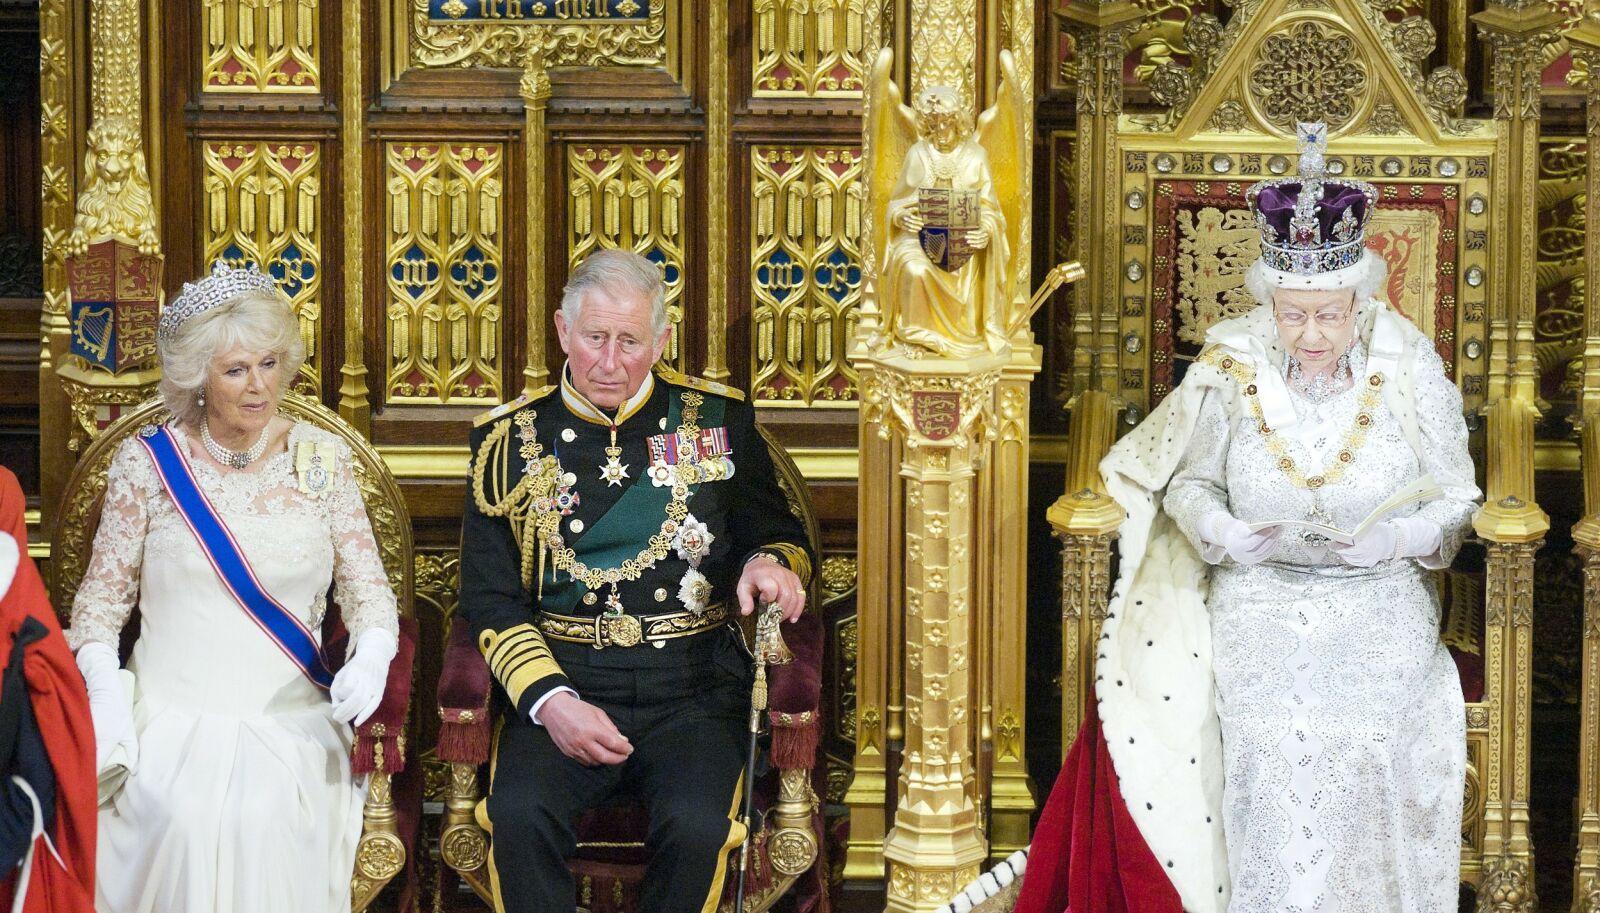 KAN FÅ FØLGER: Mannen som hevder han er hertugparets hemmelige kjærlighetsbarn kan ende opp med å endre arverekkefølgen til den britiske tronen om en DNA-test kan bekrefte slektskap. Foto: NTB.